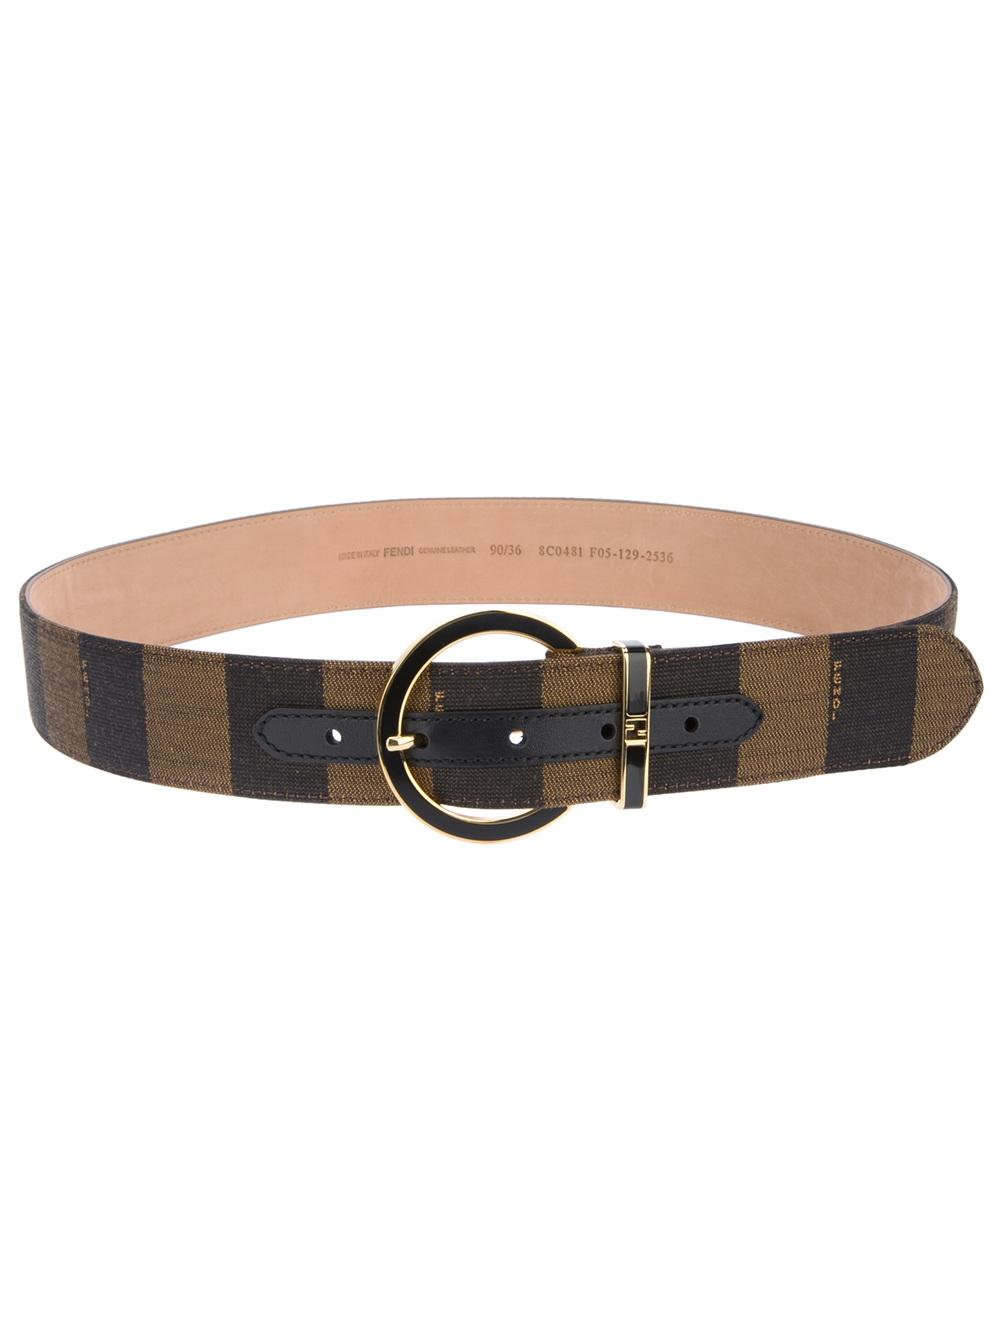 Waist Belt For Iphone